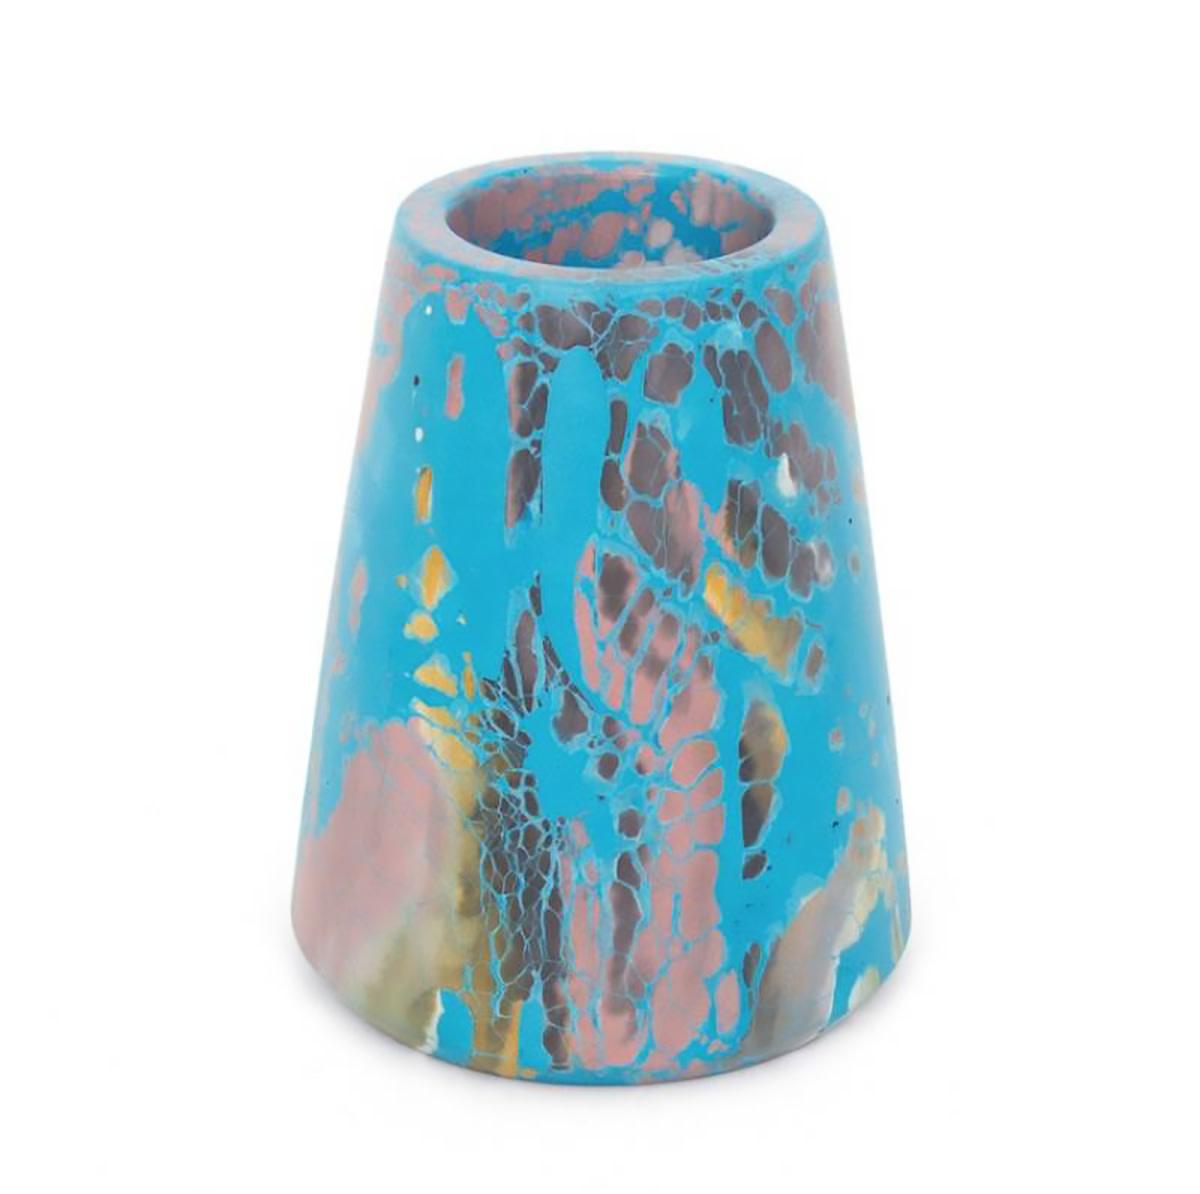 Concrete Cat Vesta Vase | Oracle - Laelia